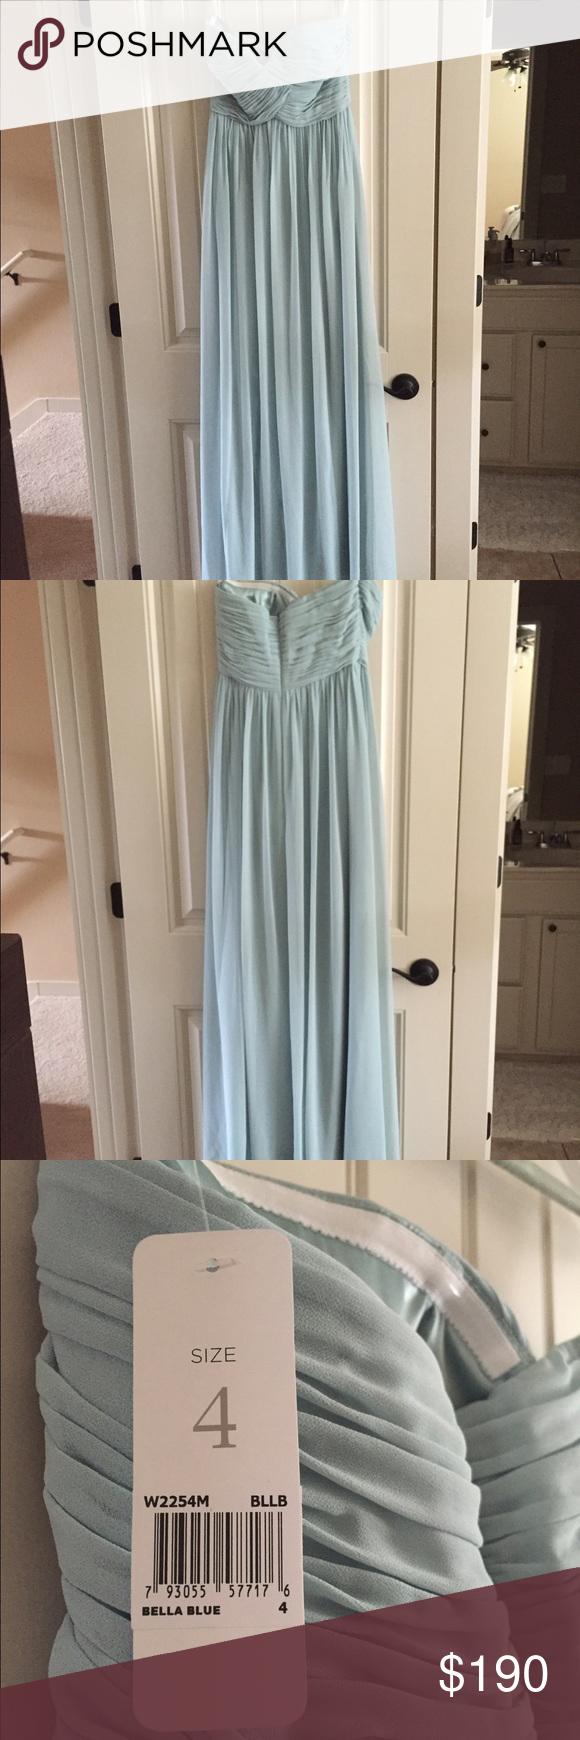 bedc3c44838 Donna Morgan Laura Bridesmaid Dress in Bella Blue Size 4